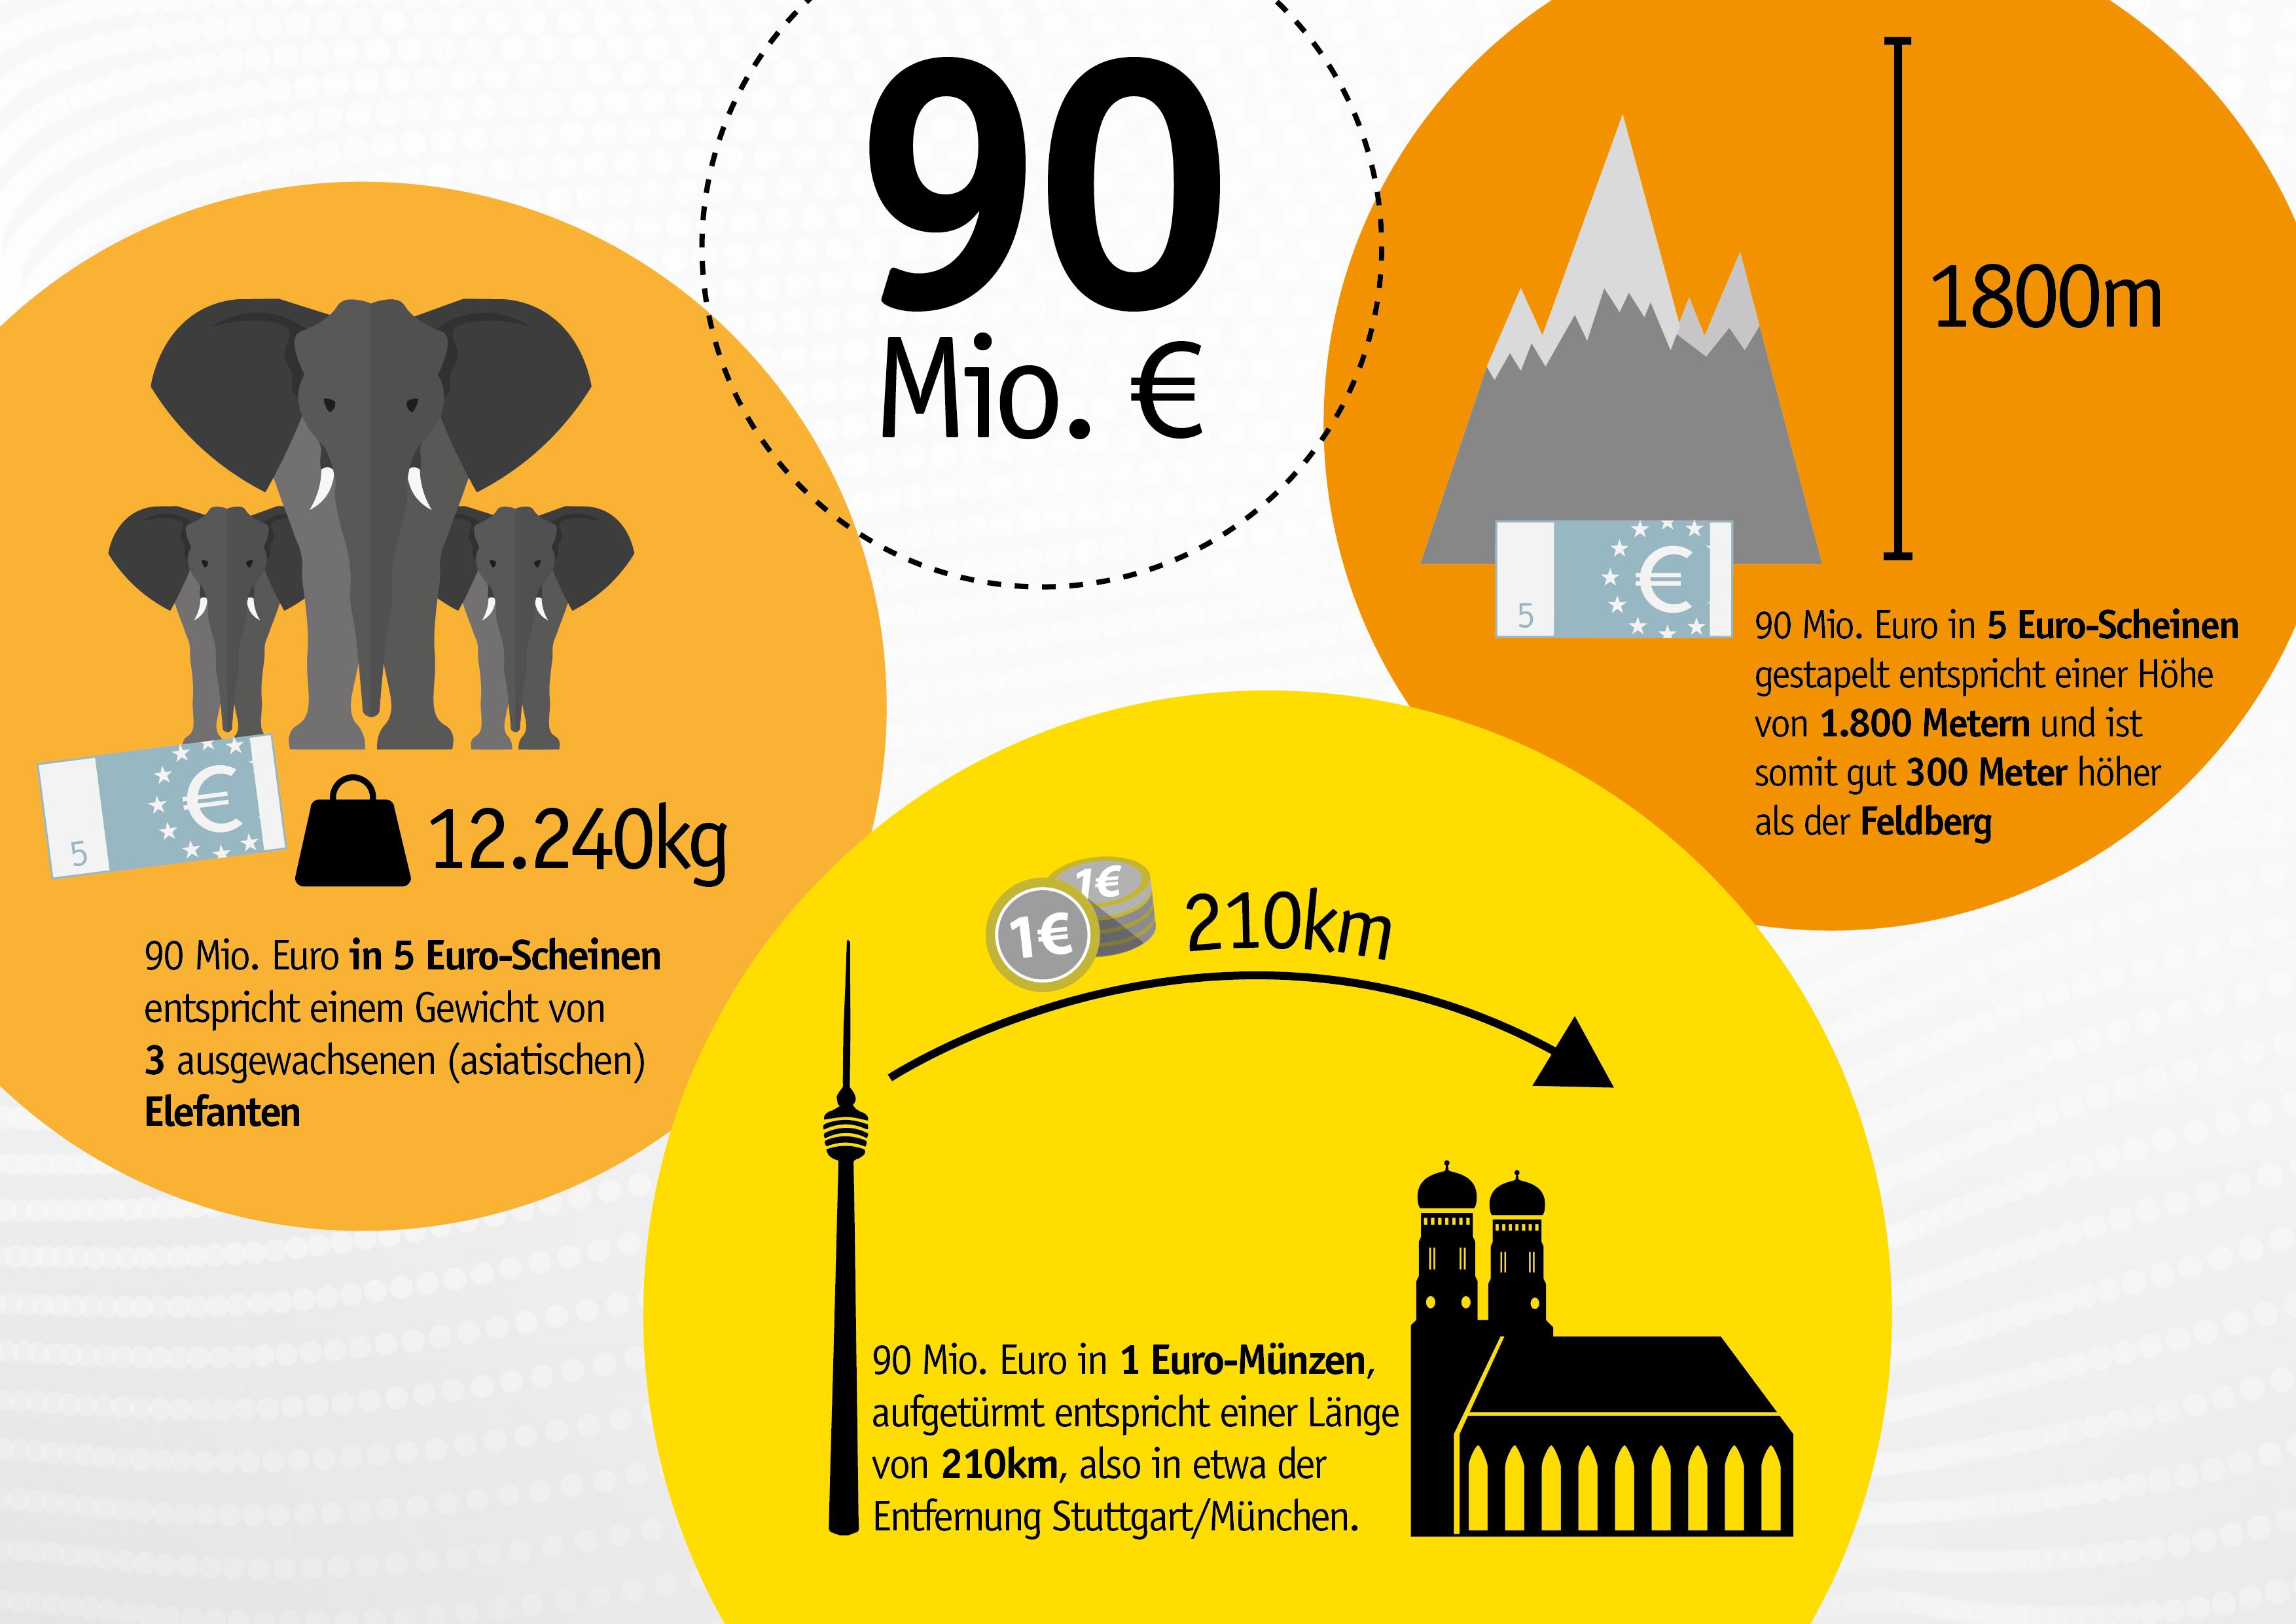 Absurde Vergleiche So Viel Wiegen 90 Mio Euro Lotto Bw